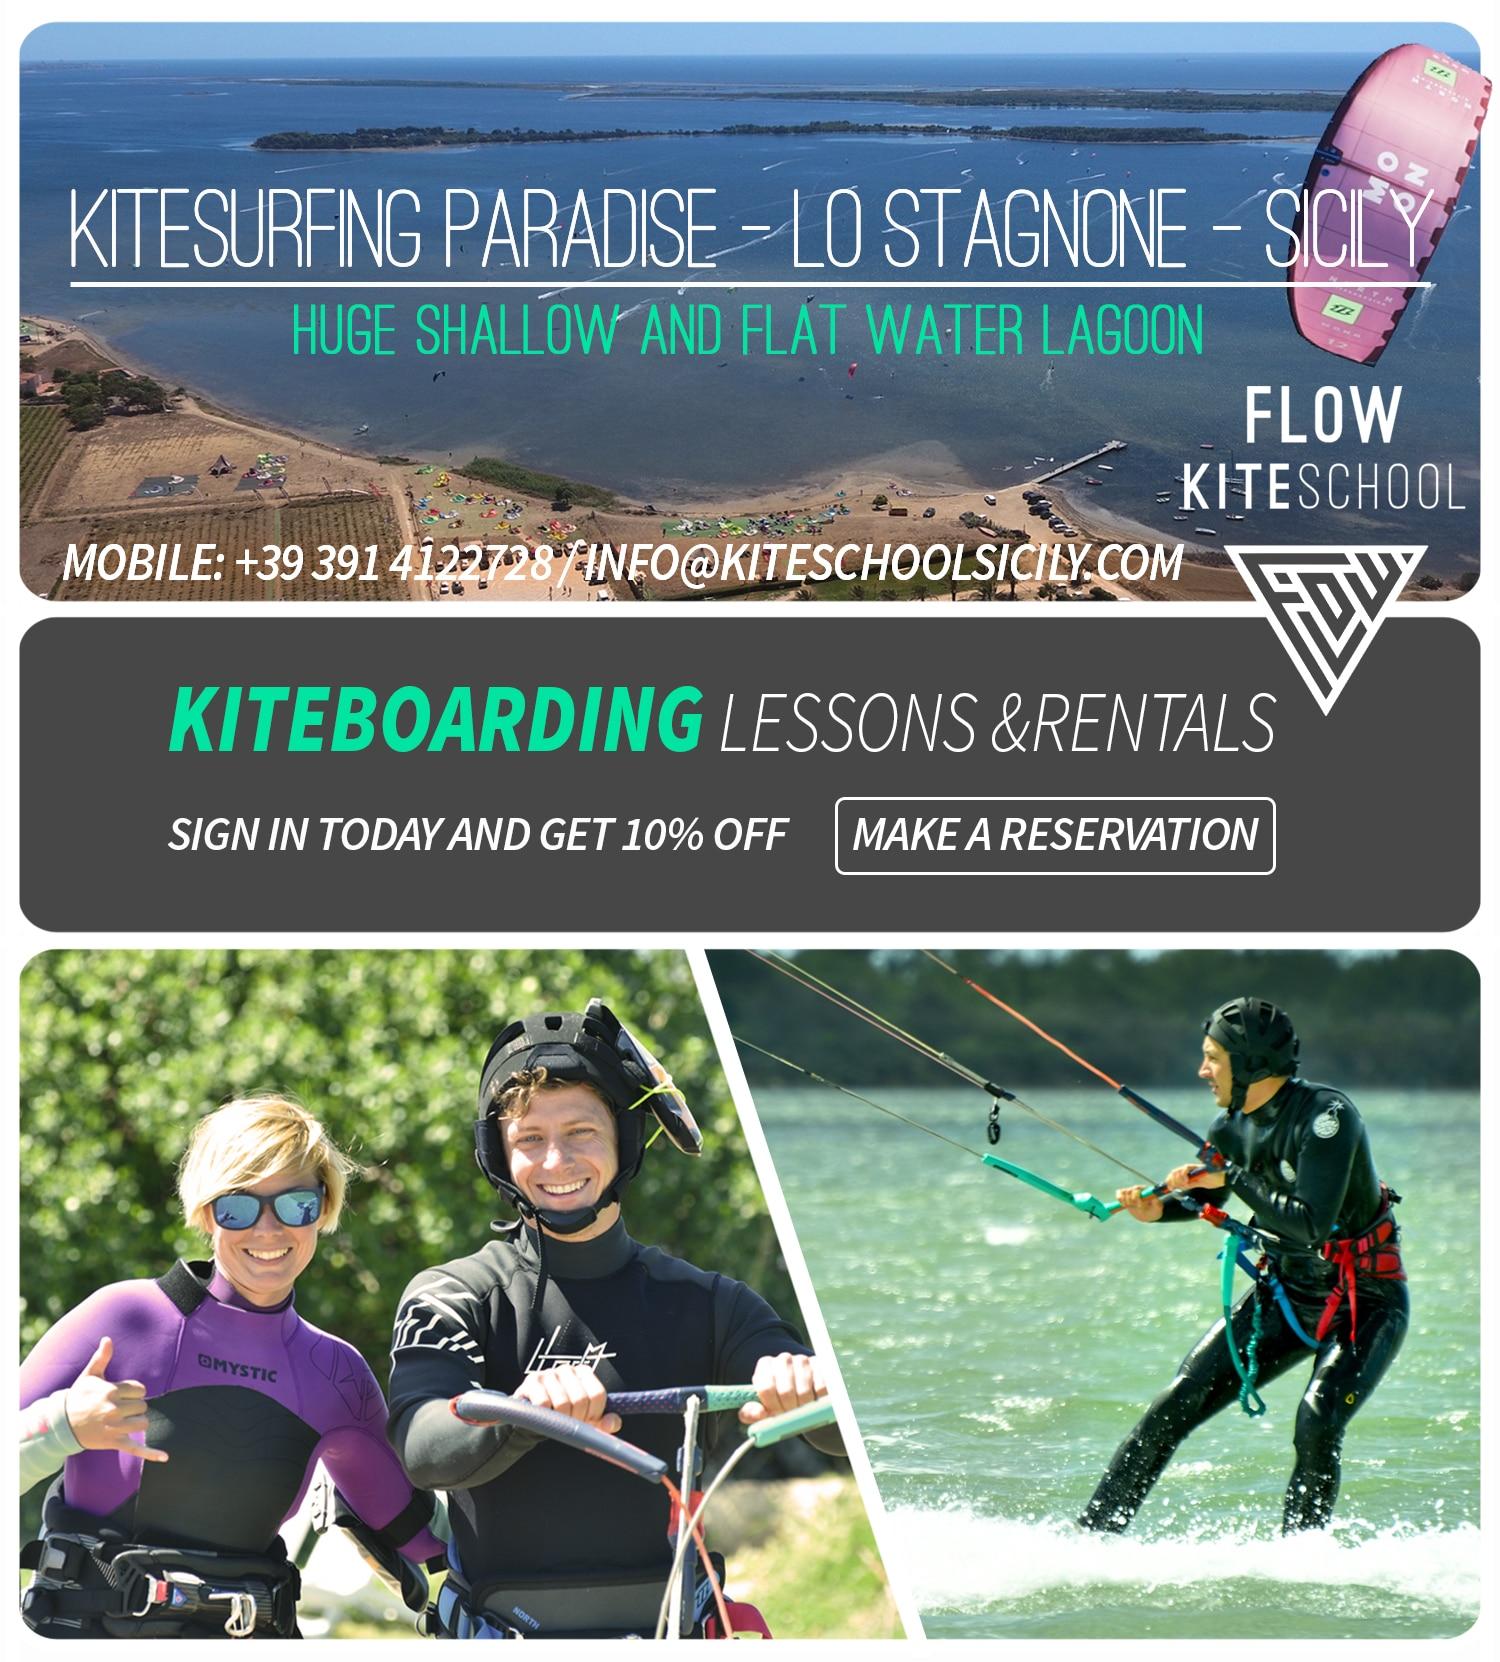 kitesurf-news-lo-stagnone-sicily-special-offer-flow-kite-school